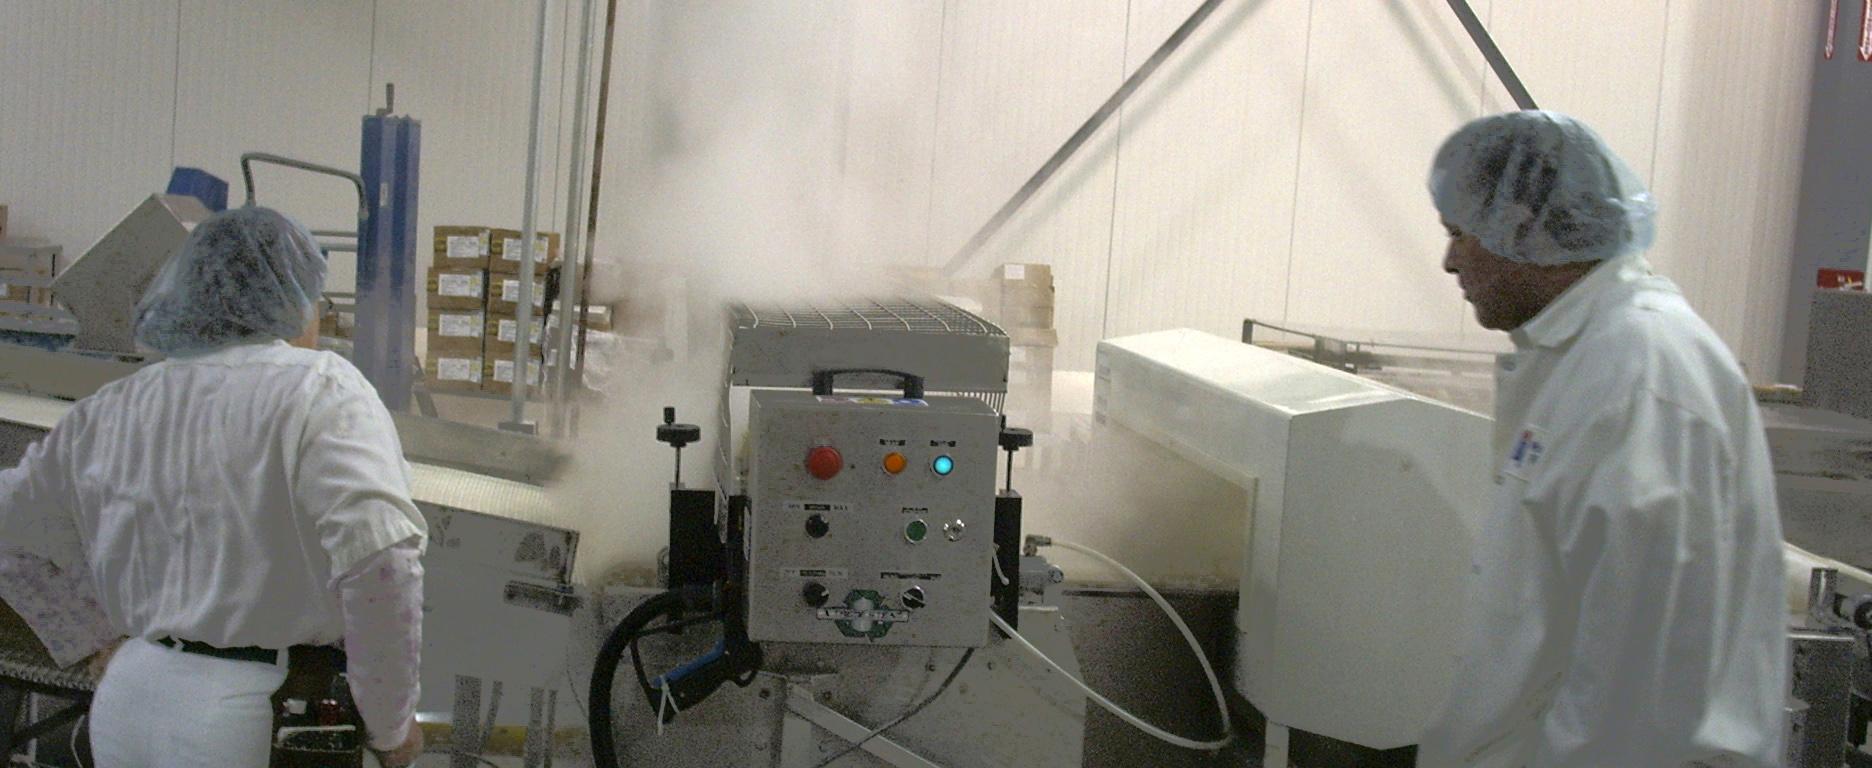 steam belt cleaner